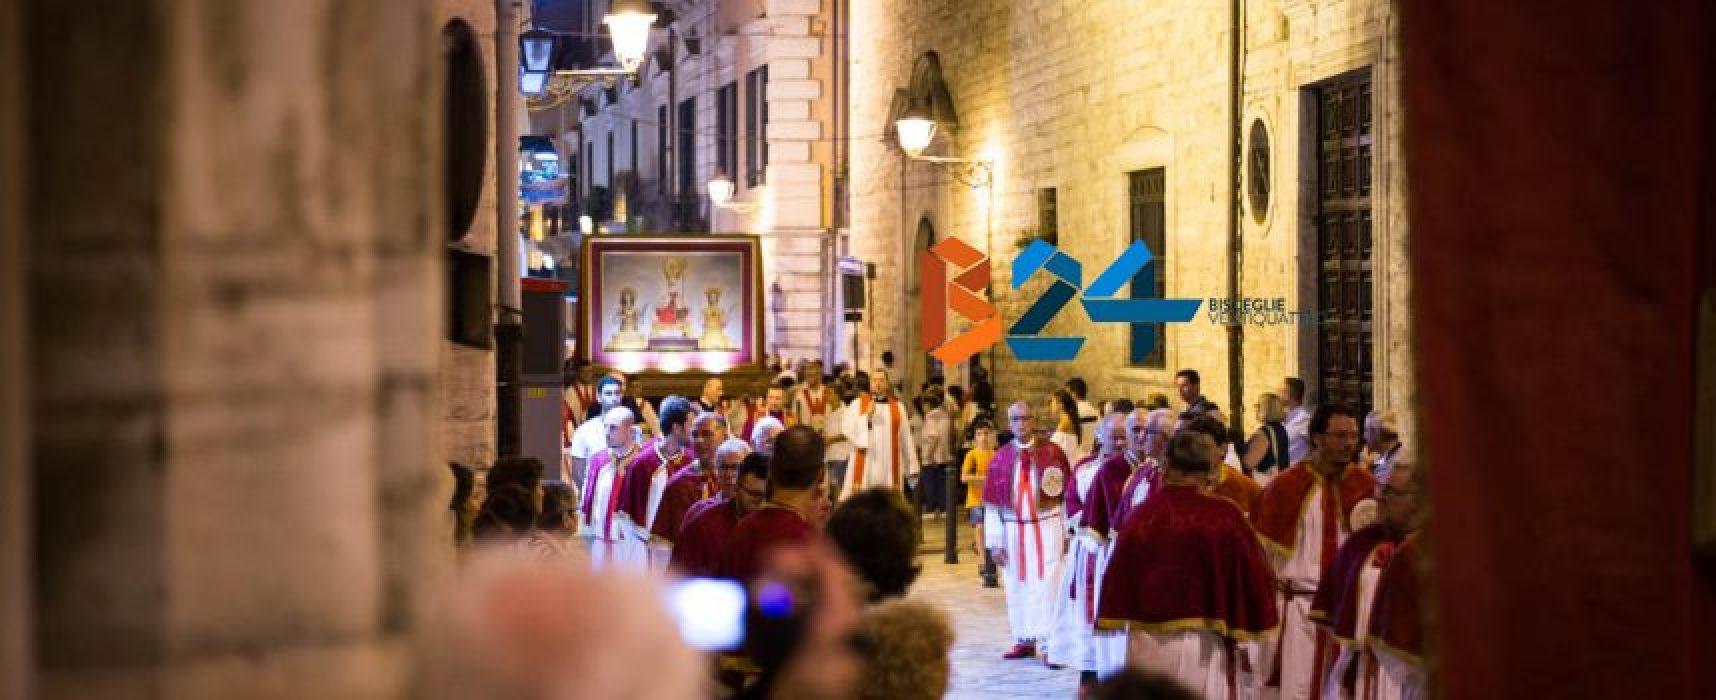 Festa patronale, l'atmosfera di fede e tradizione dei festeggiamenti /FOTOGALLERY